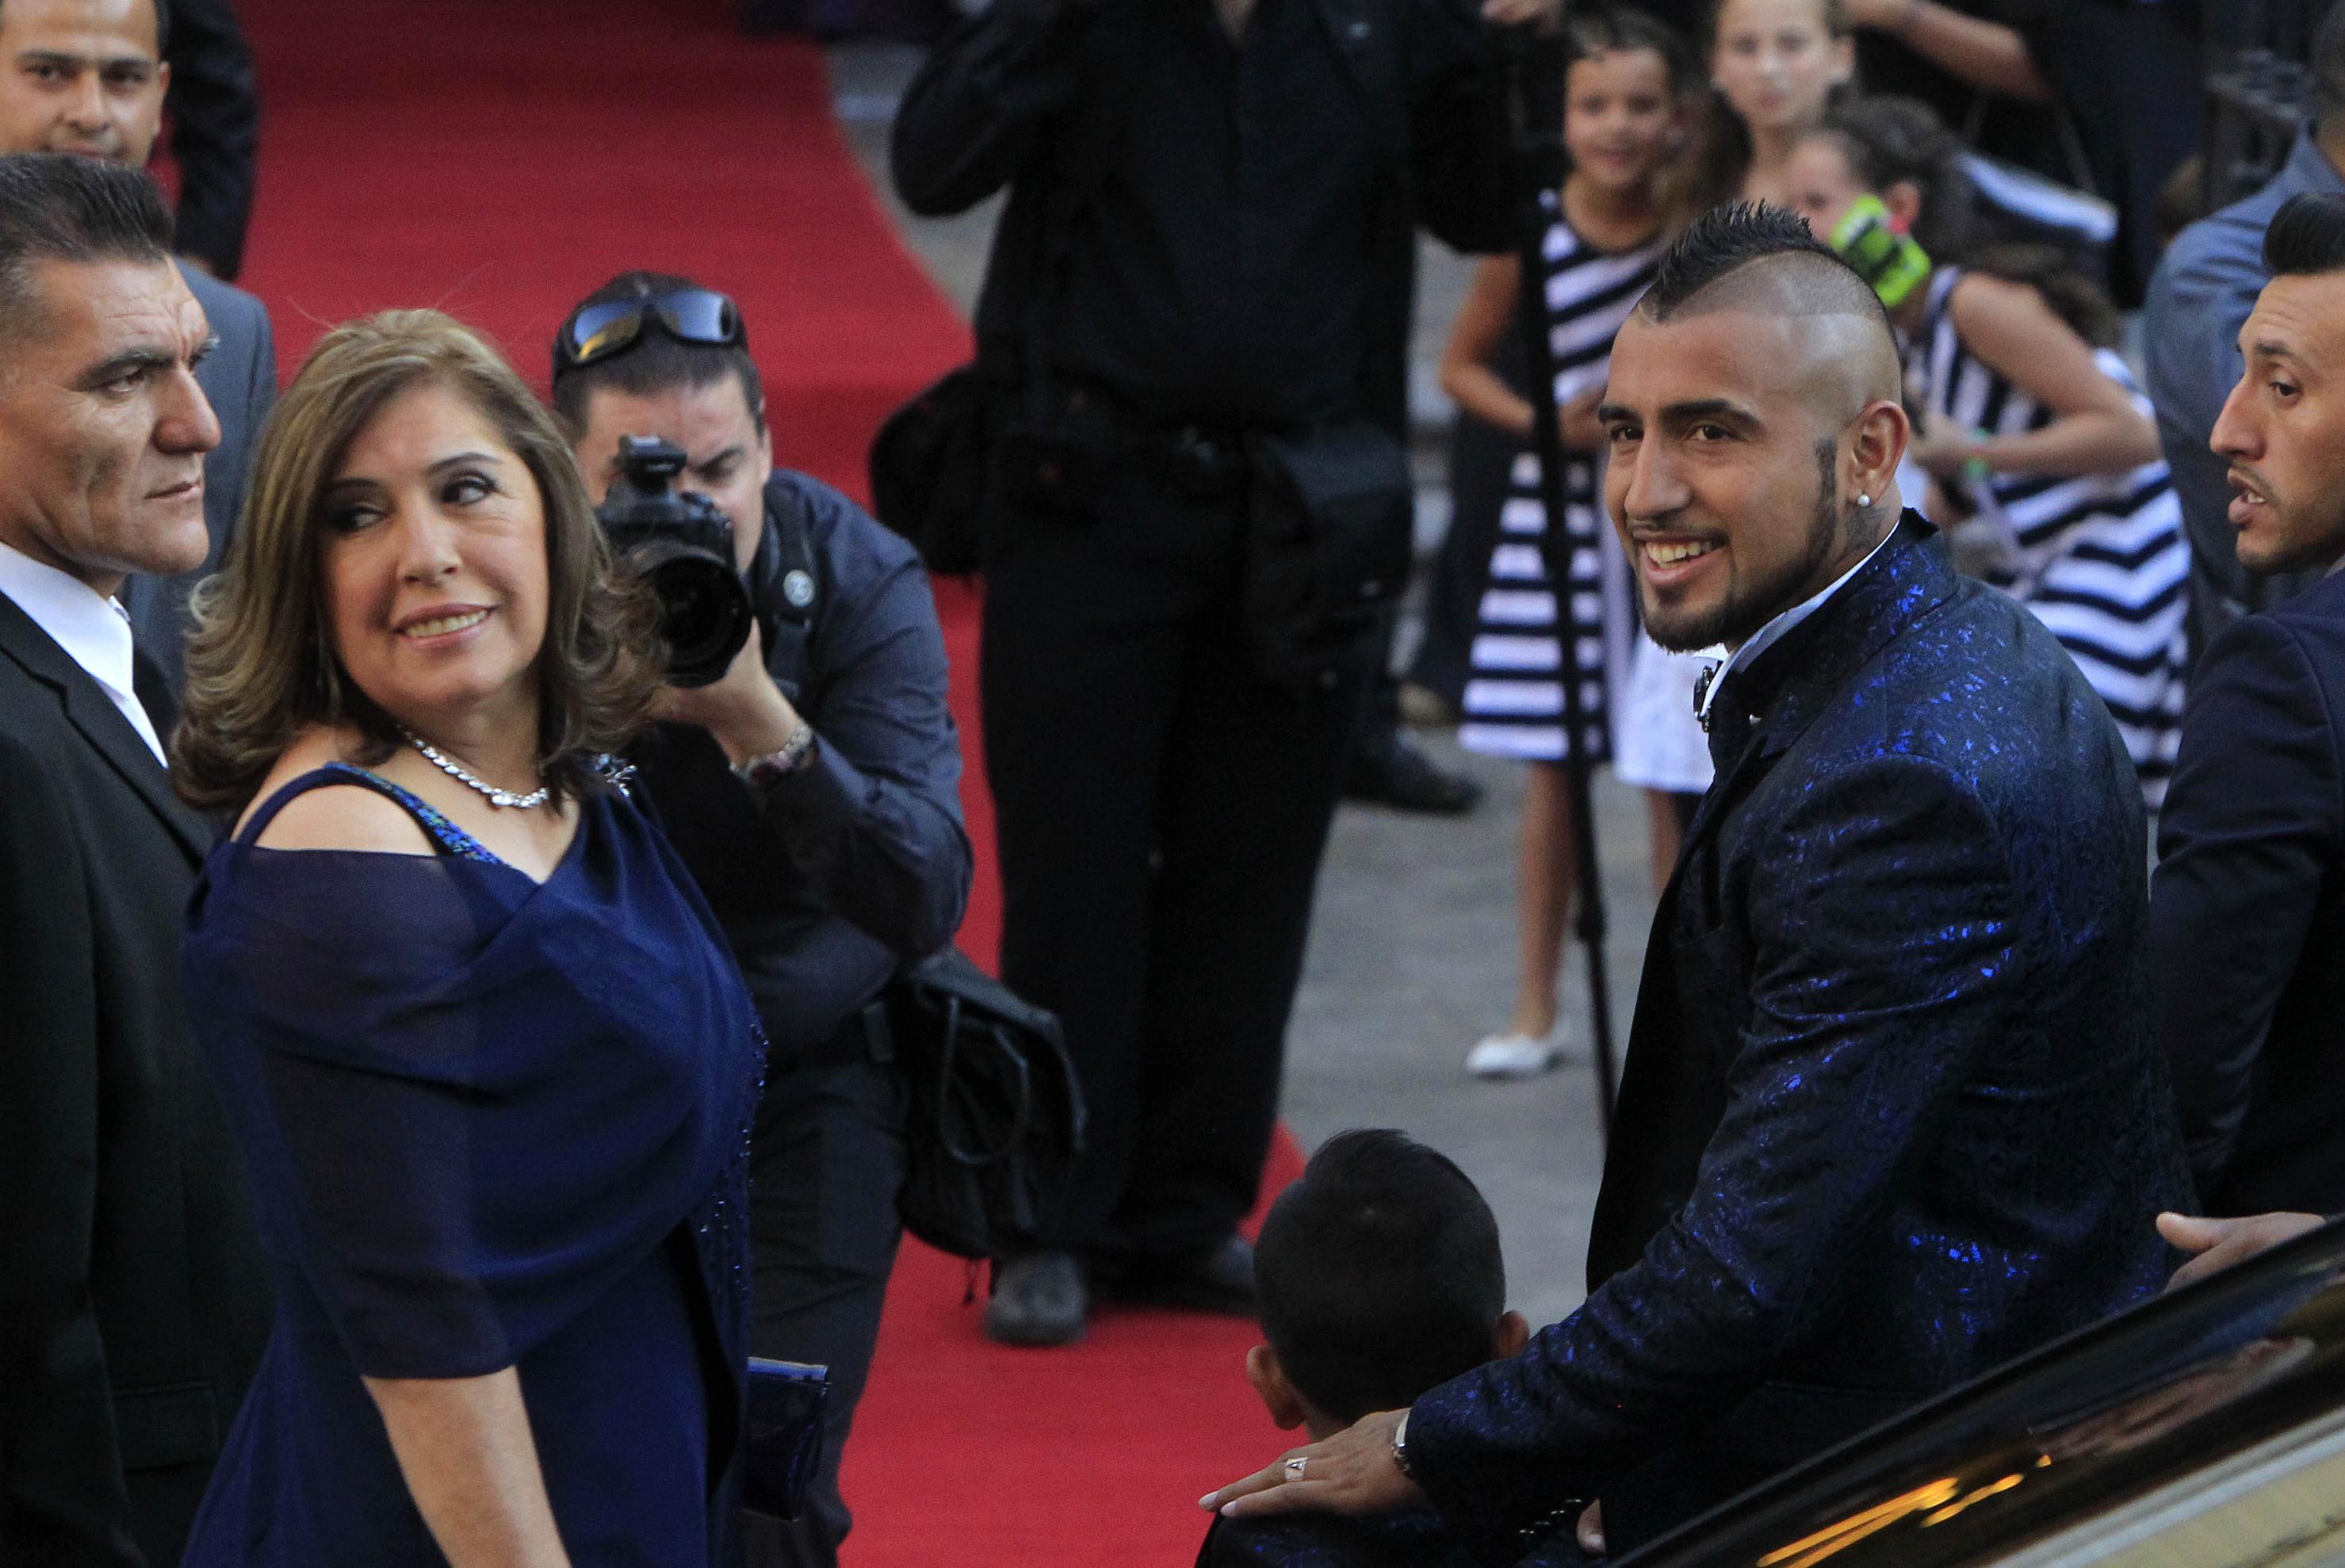 Mamá de Vidal sufre millonario robo en su domicilio: Especies sustraídas  están avaluadas en $100 millones